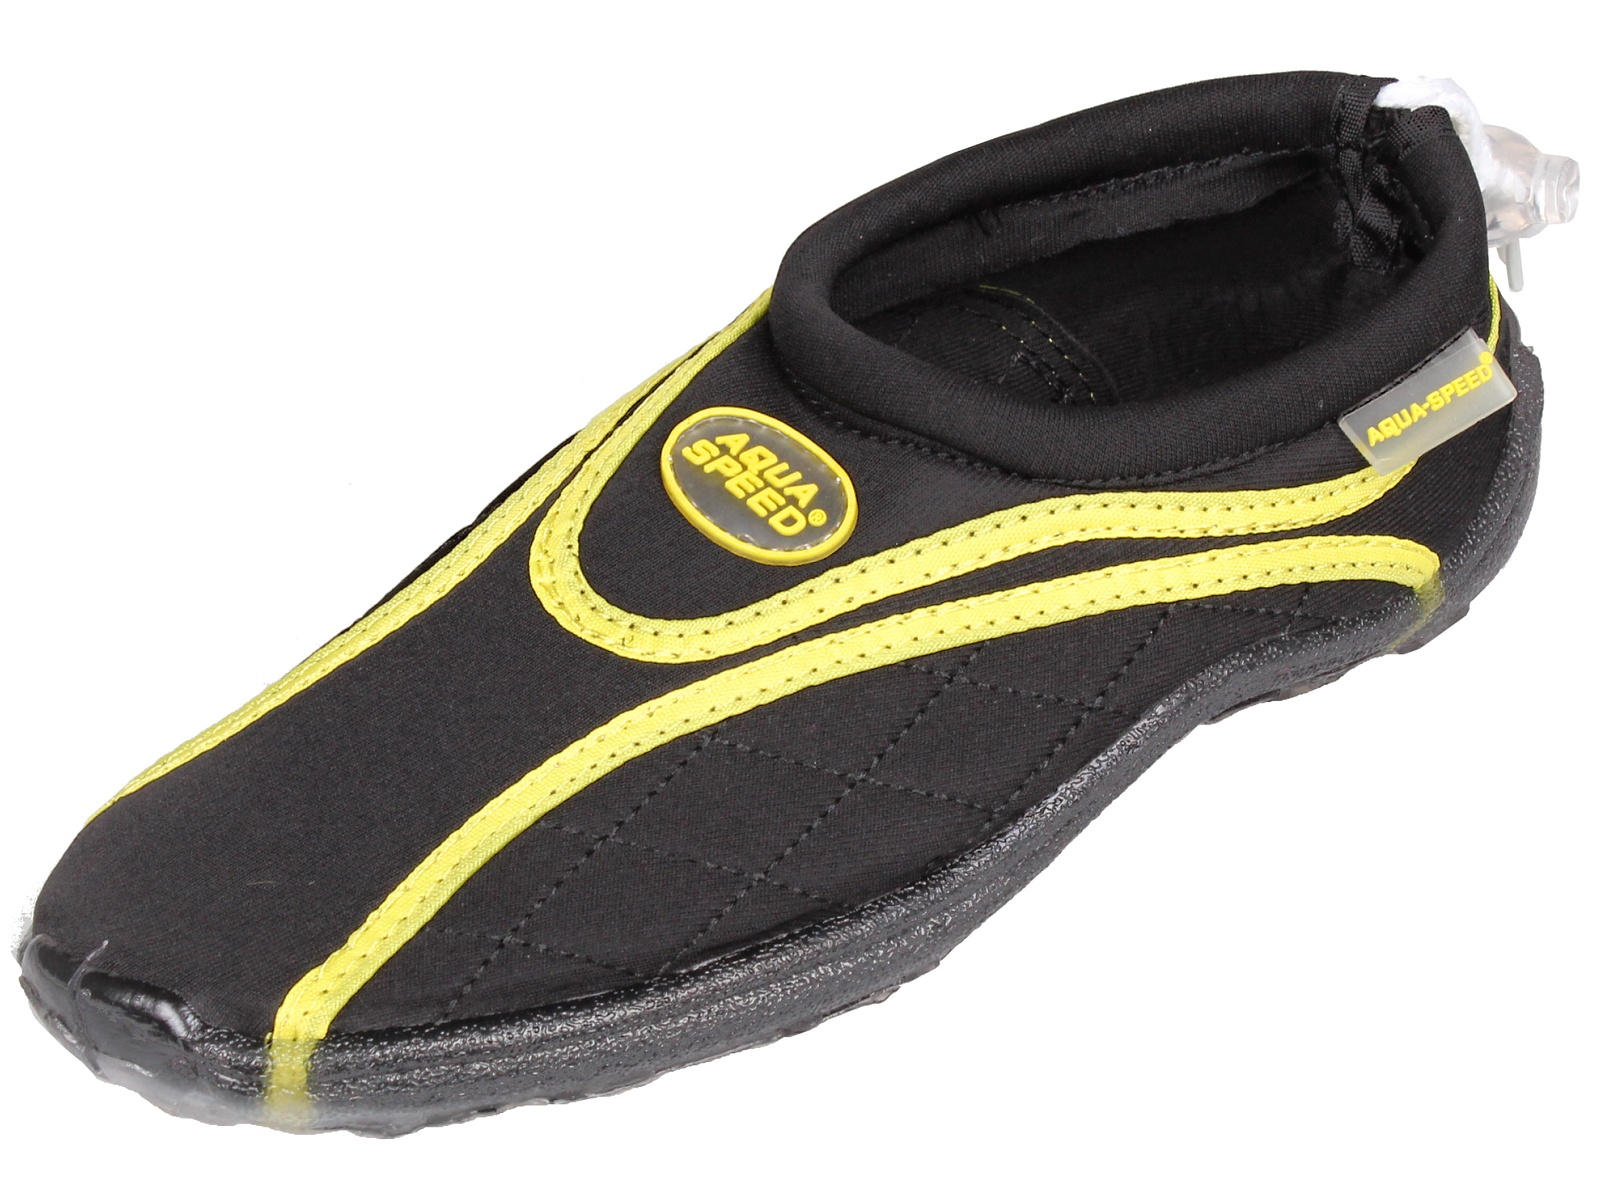 Topánky do vody AQUA-SPEED 9 - veľ. 35